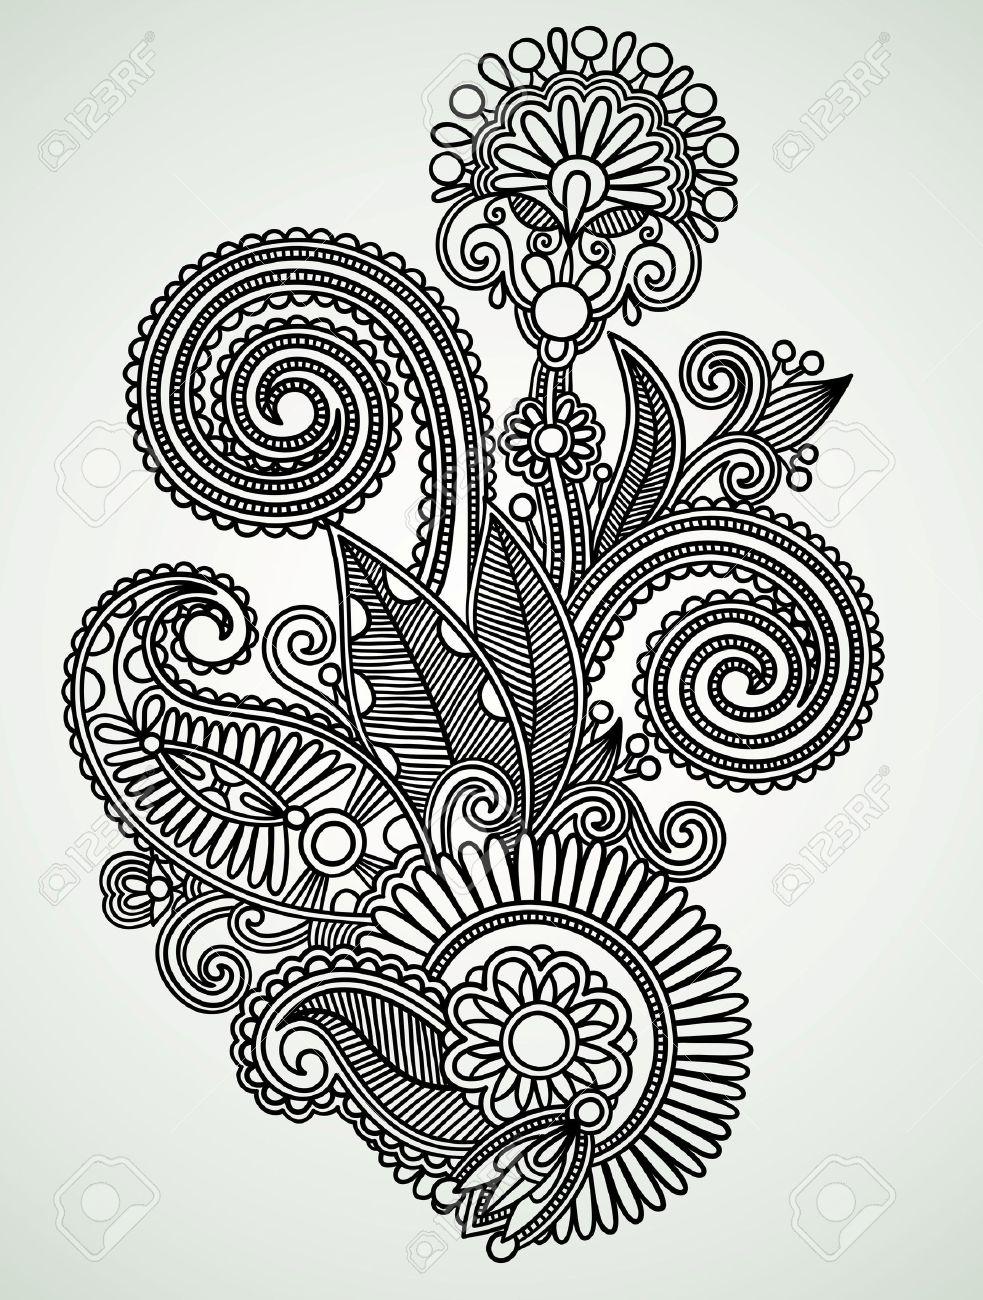 Hand draw line art ornate flower design Stock Vector - 10798001